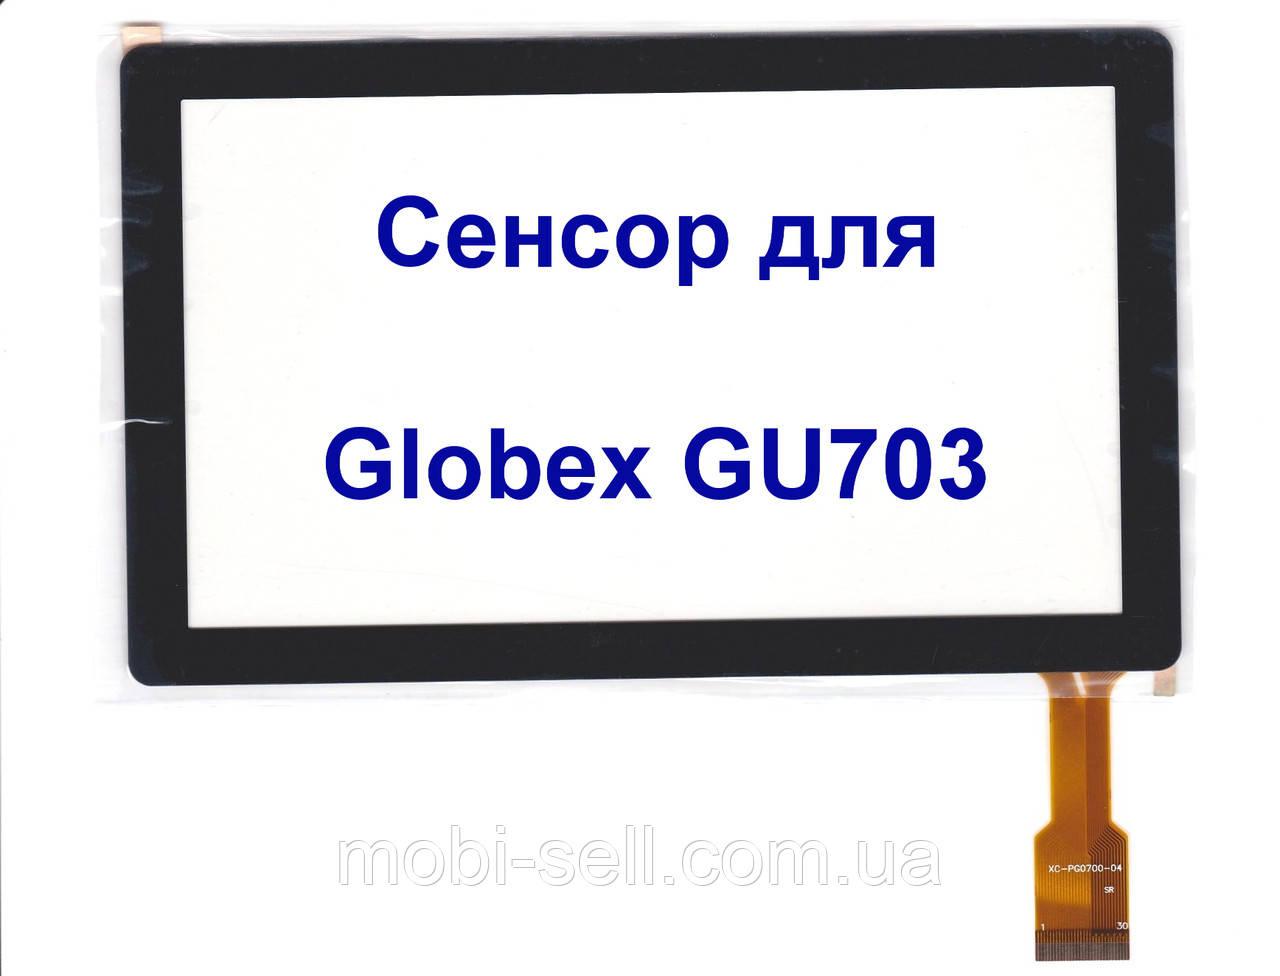 Сенсорный экран для планшета Globex GU703 / GU703c